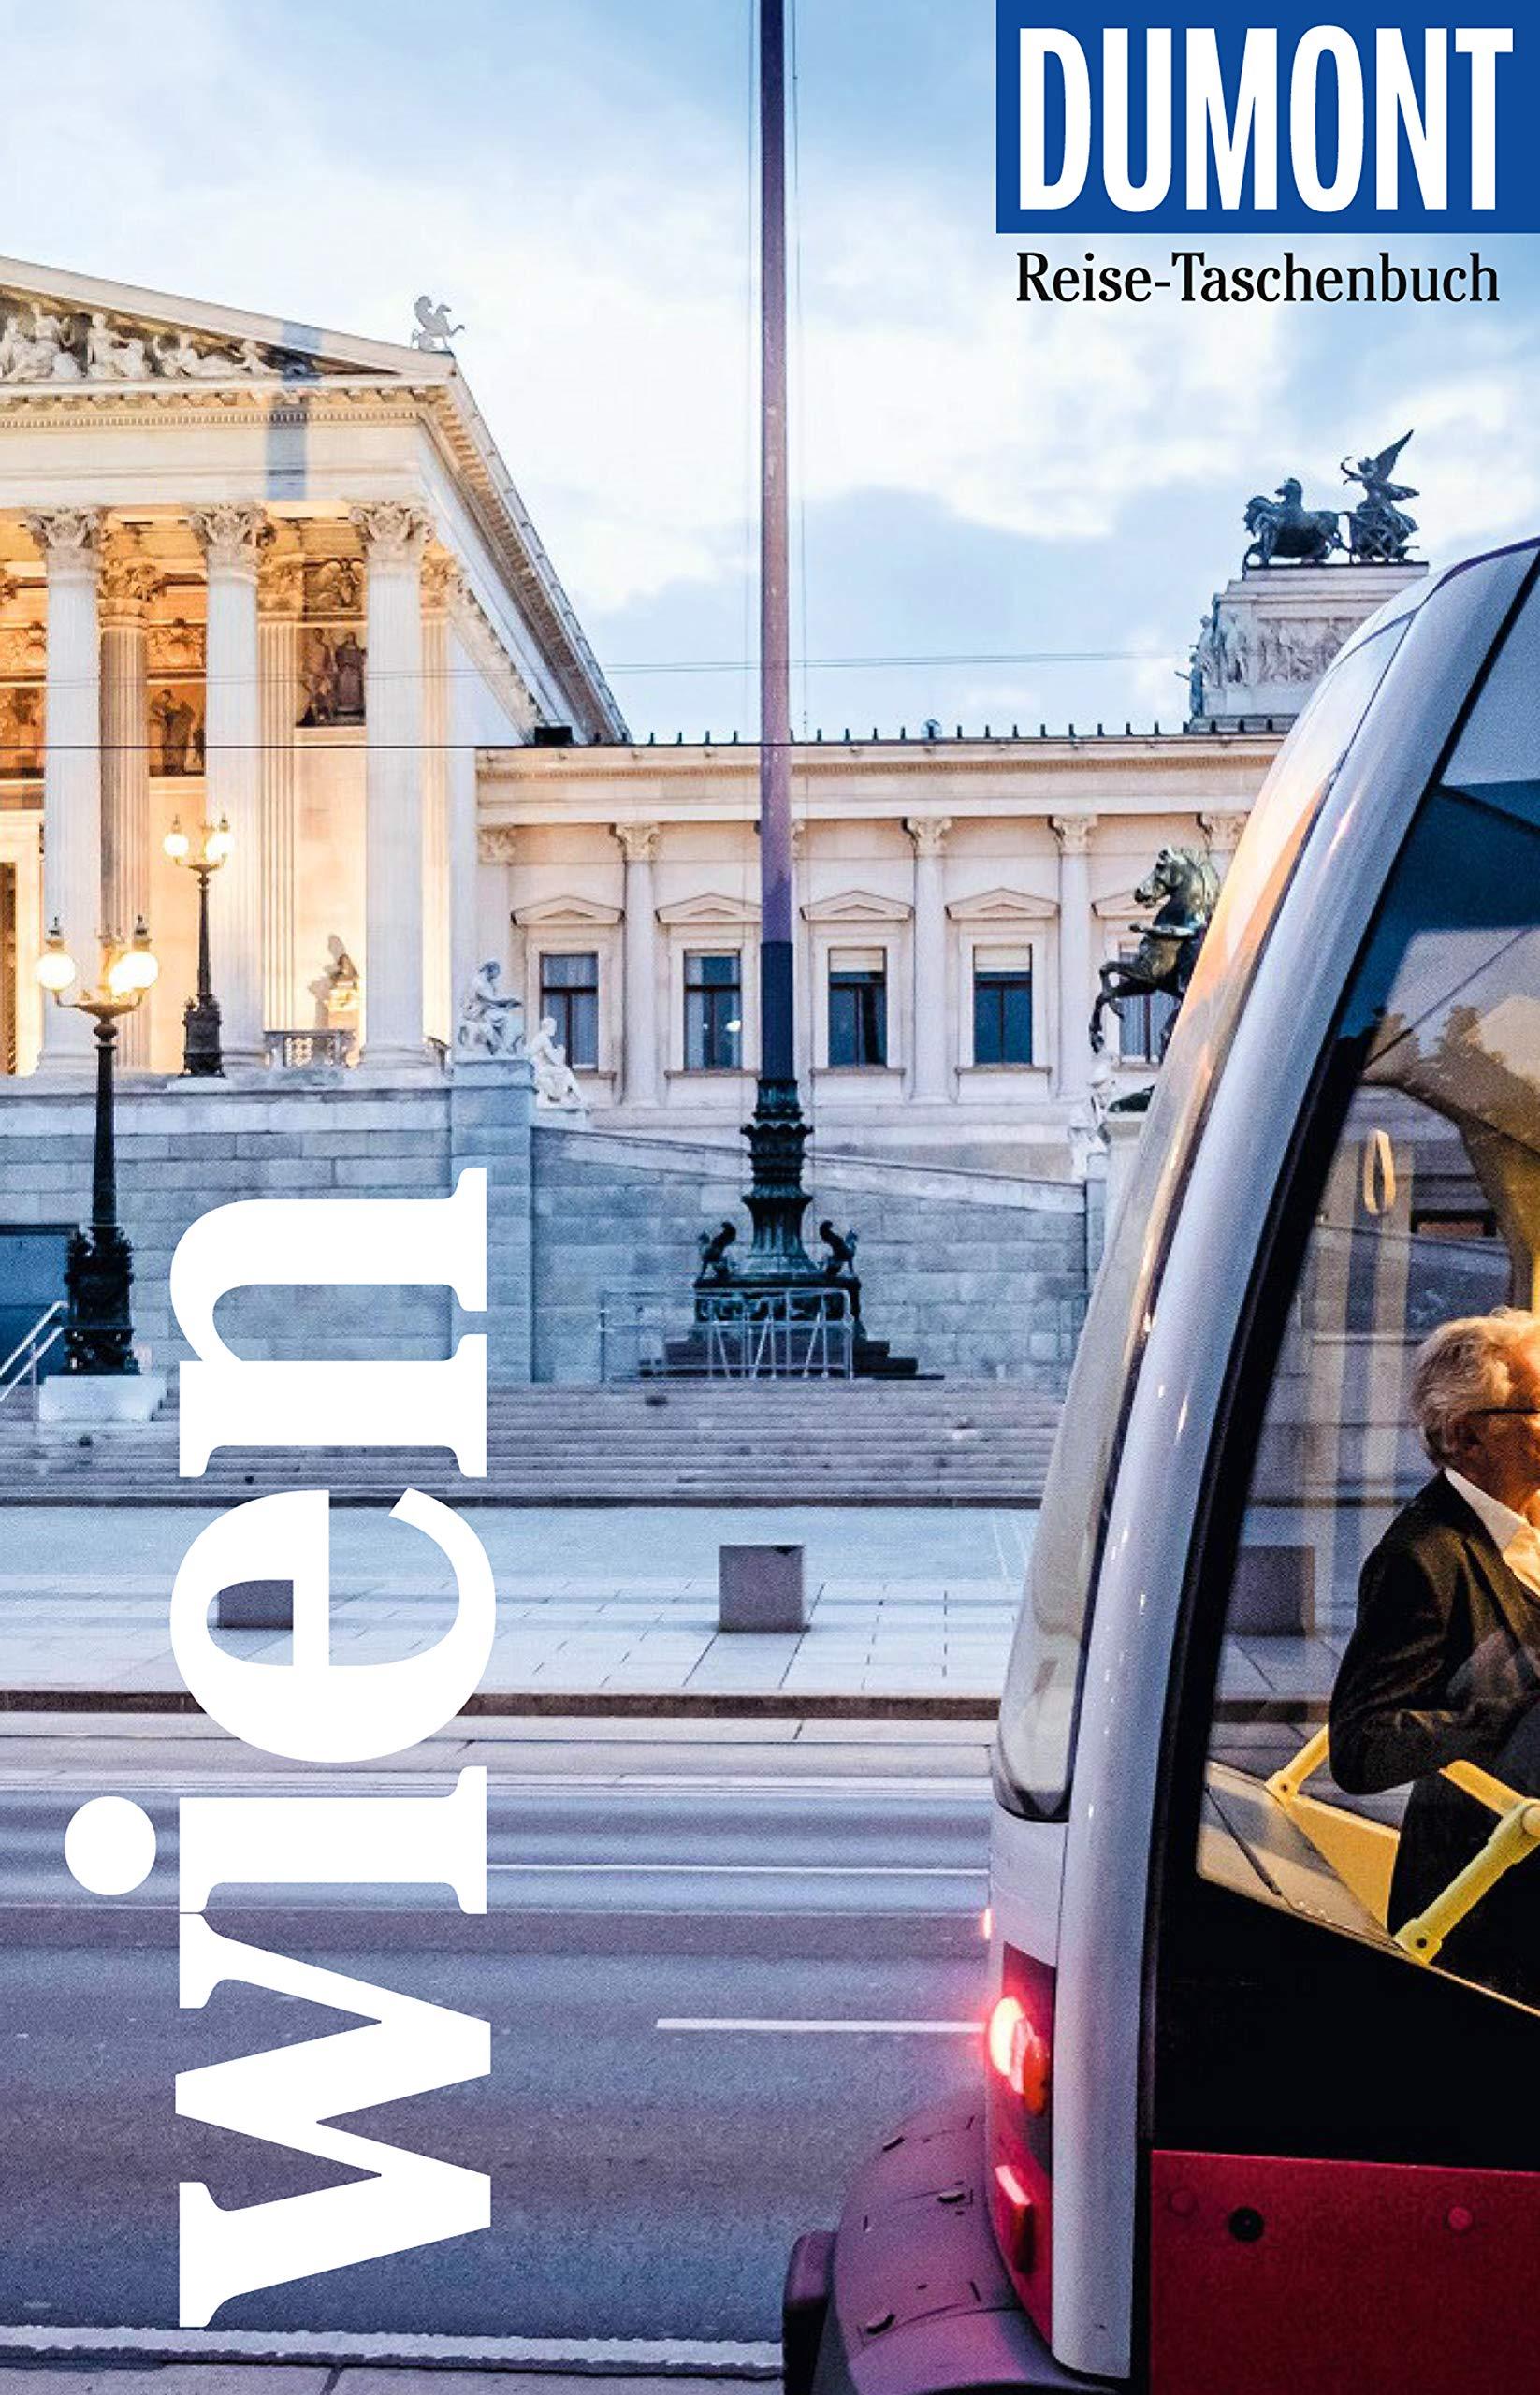 DuMont Reise-Taschenbuch Reiseführer Wien: mit praktischen Downloads aller Karten und Grafiken (DuMont Reise-Taschenbuch E-Book)